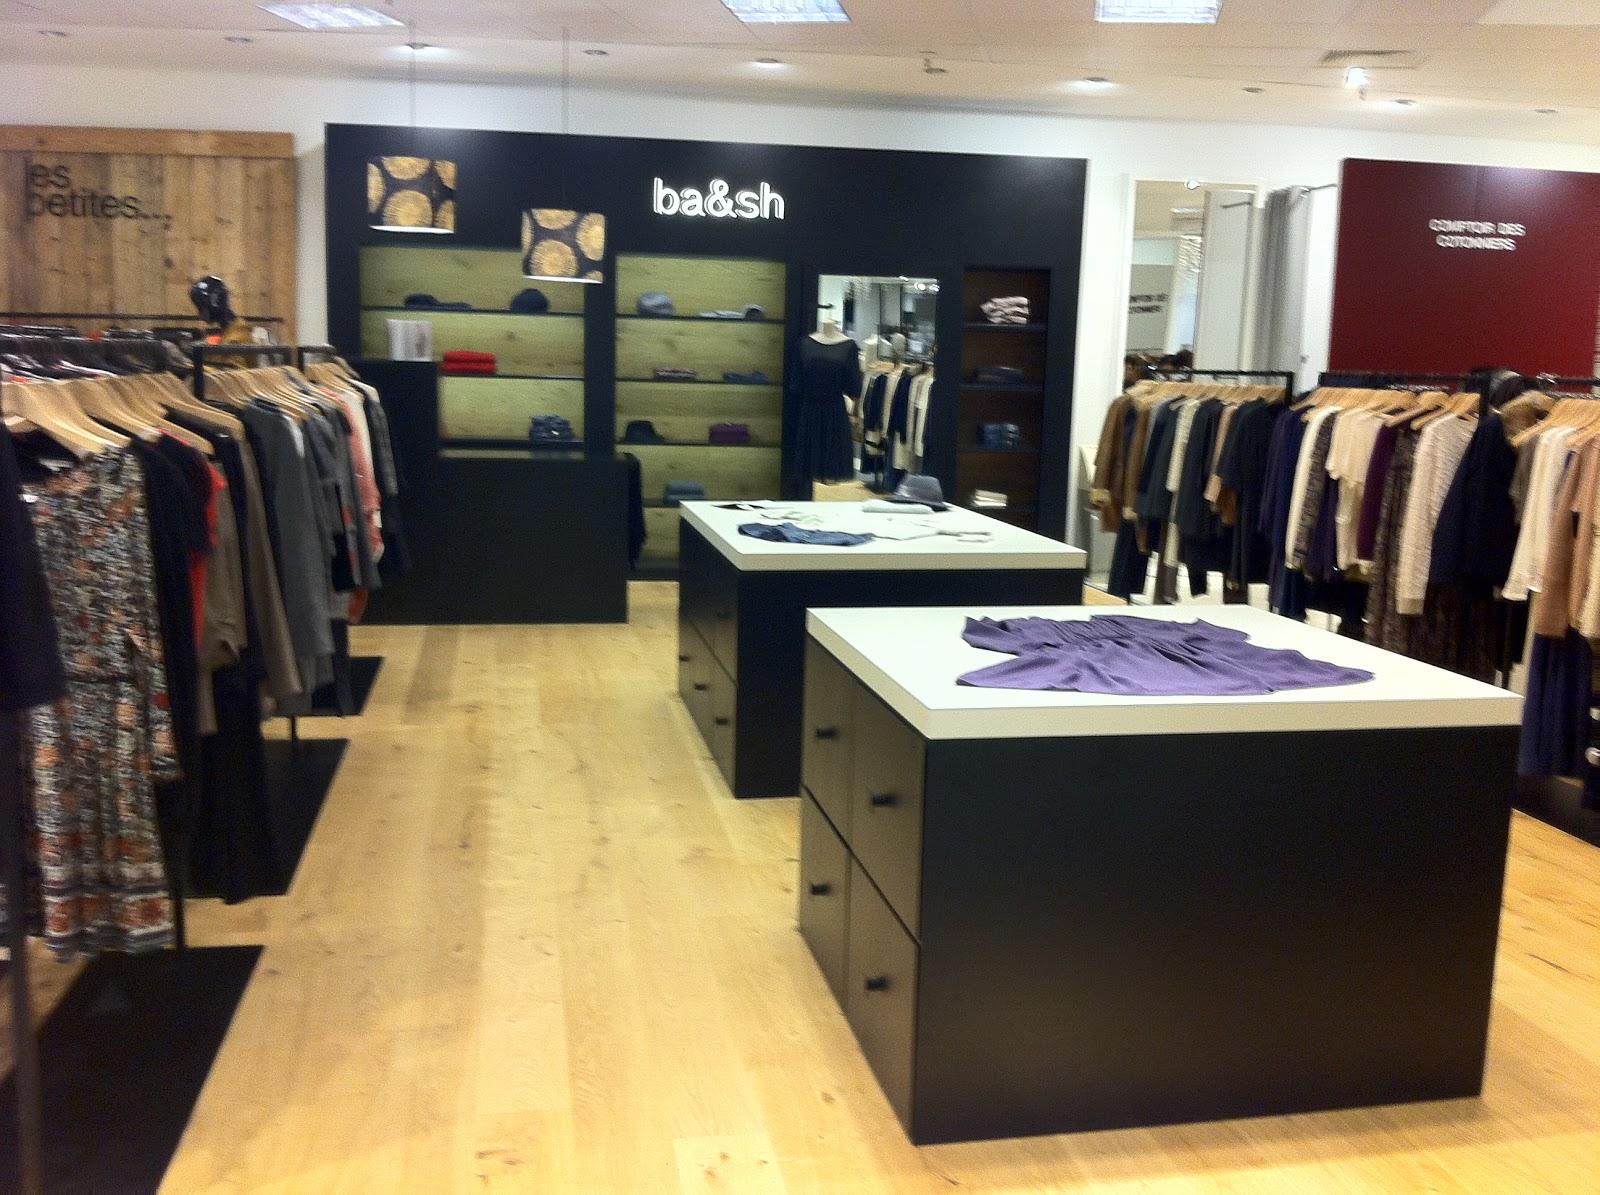 We love shops las nueva marcas de moda juntas en el centro comercial de la illa en barcelona - Centre comercial la illa ...